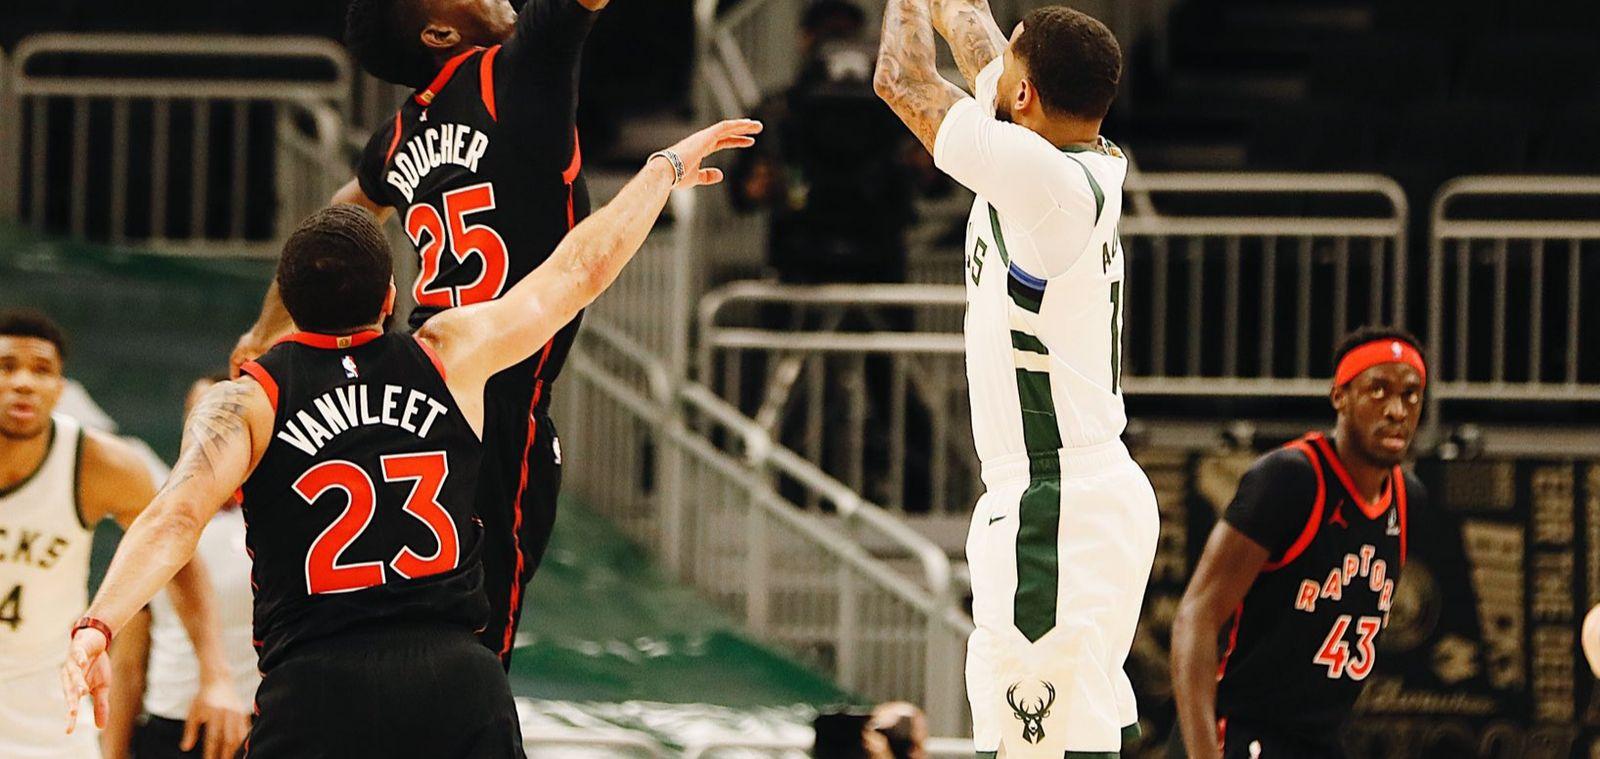 Milwaukee subit une quatrième défaite d'affilée en s'inclinant face aux Raptors du duo VanVleet-Siakam